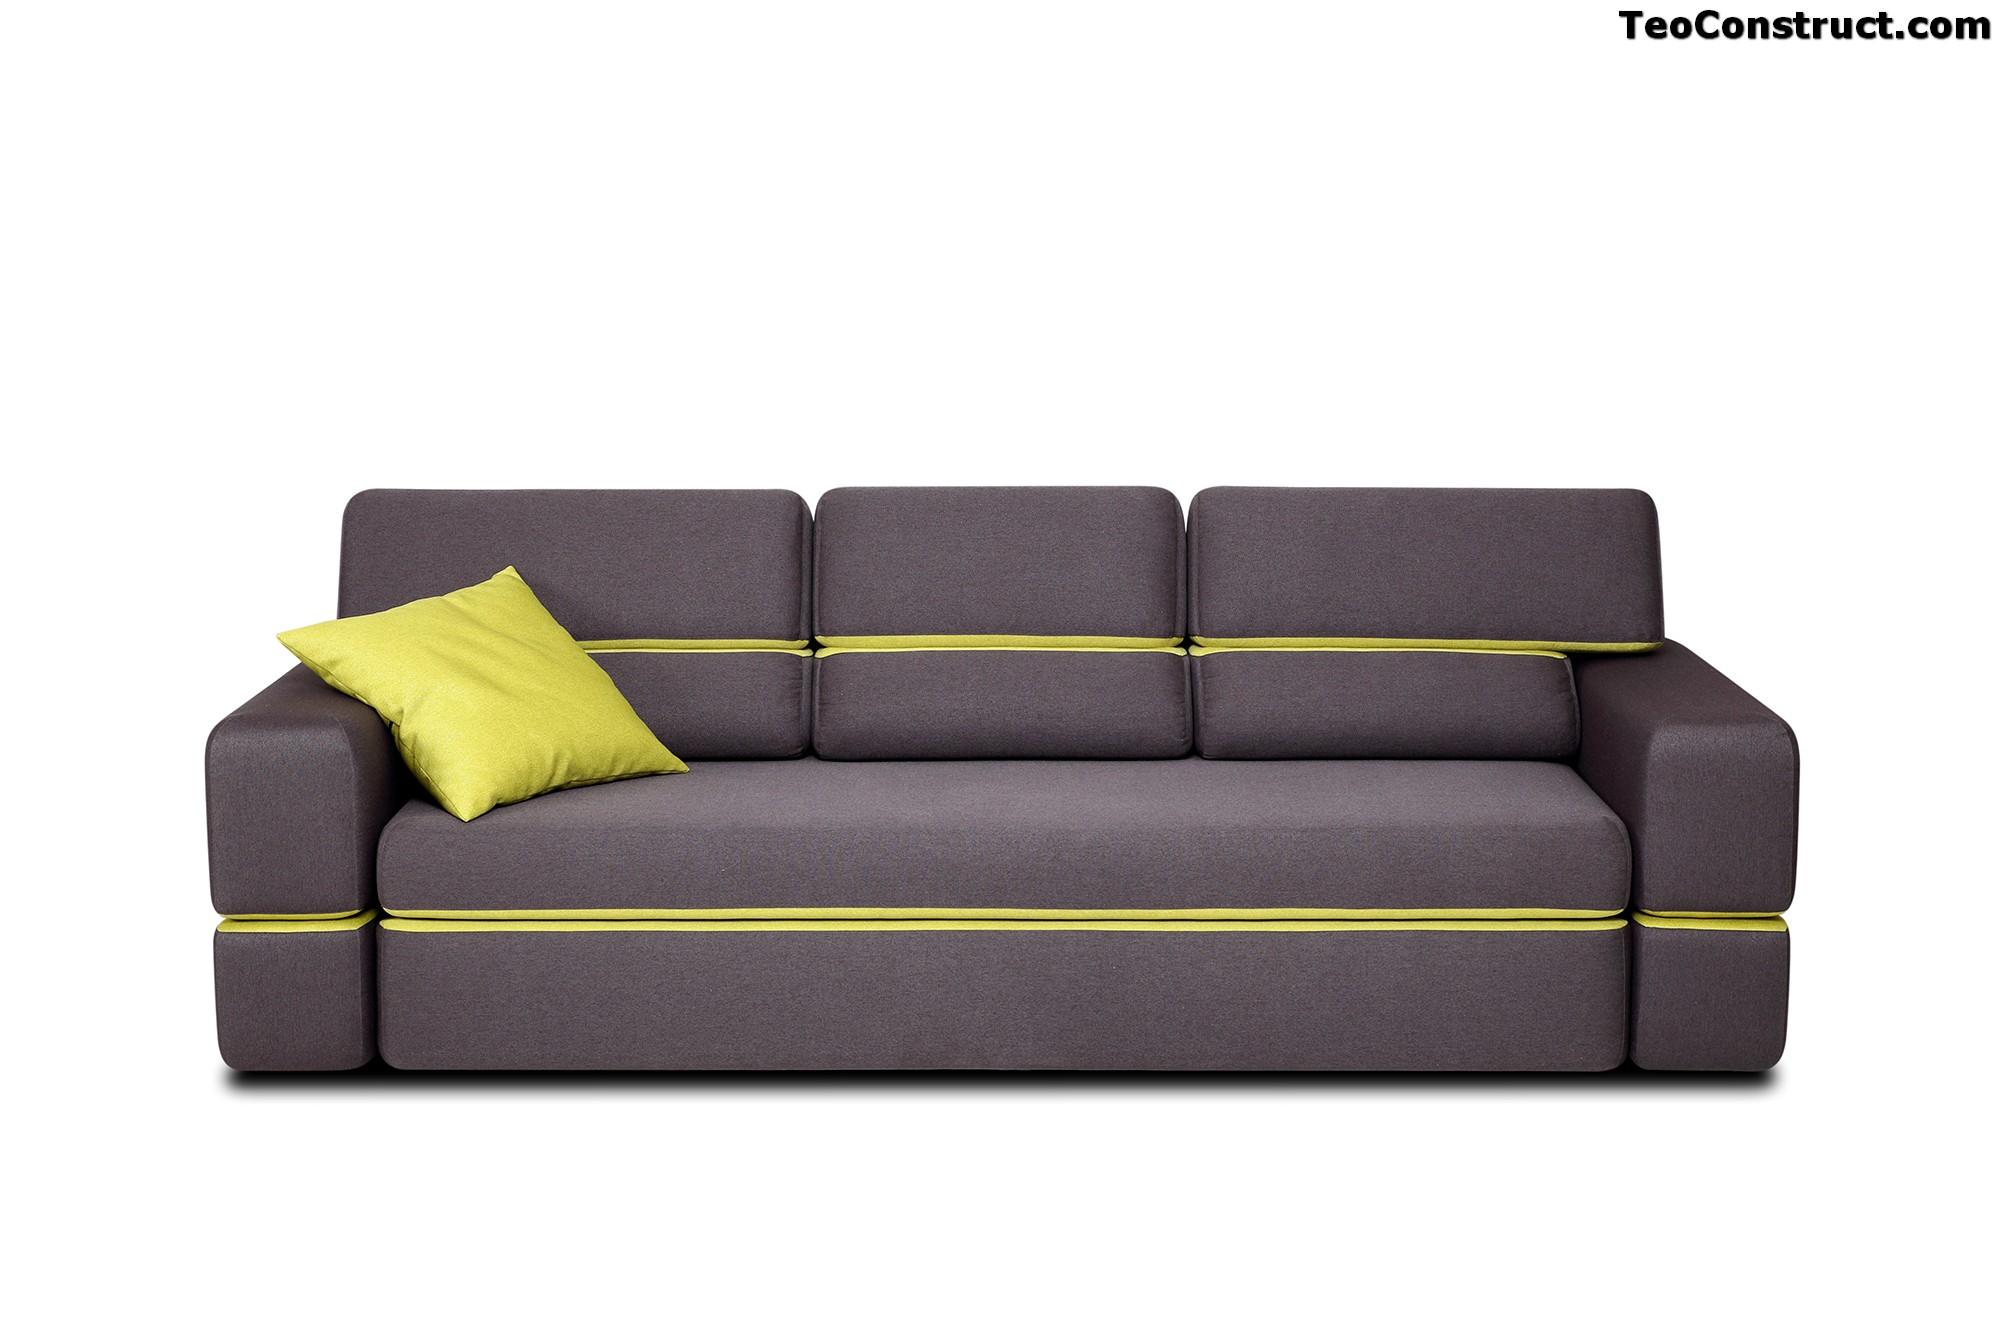 Canapea Open de calitate superioare04